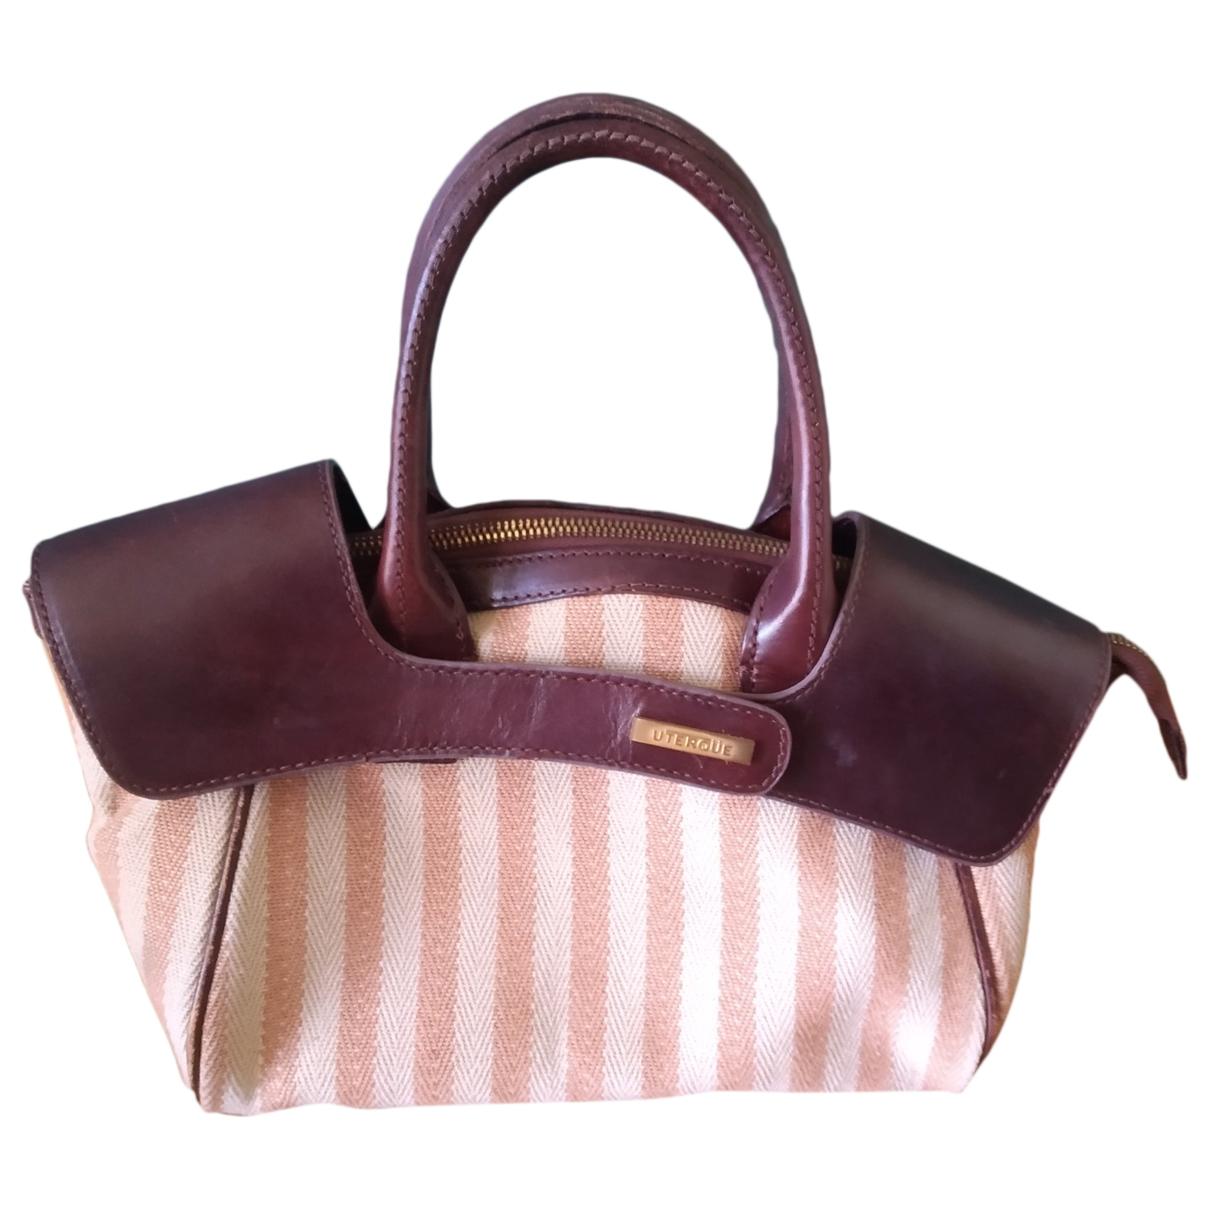 Uterque \N Handtasche in Baumwolle